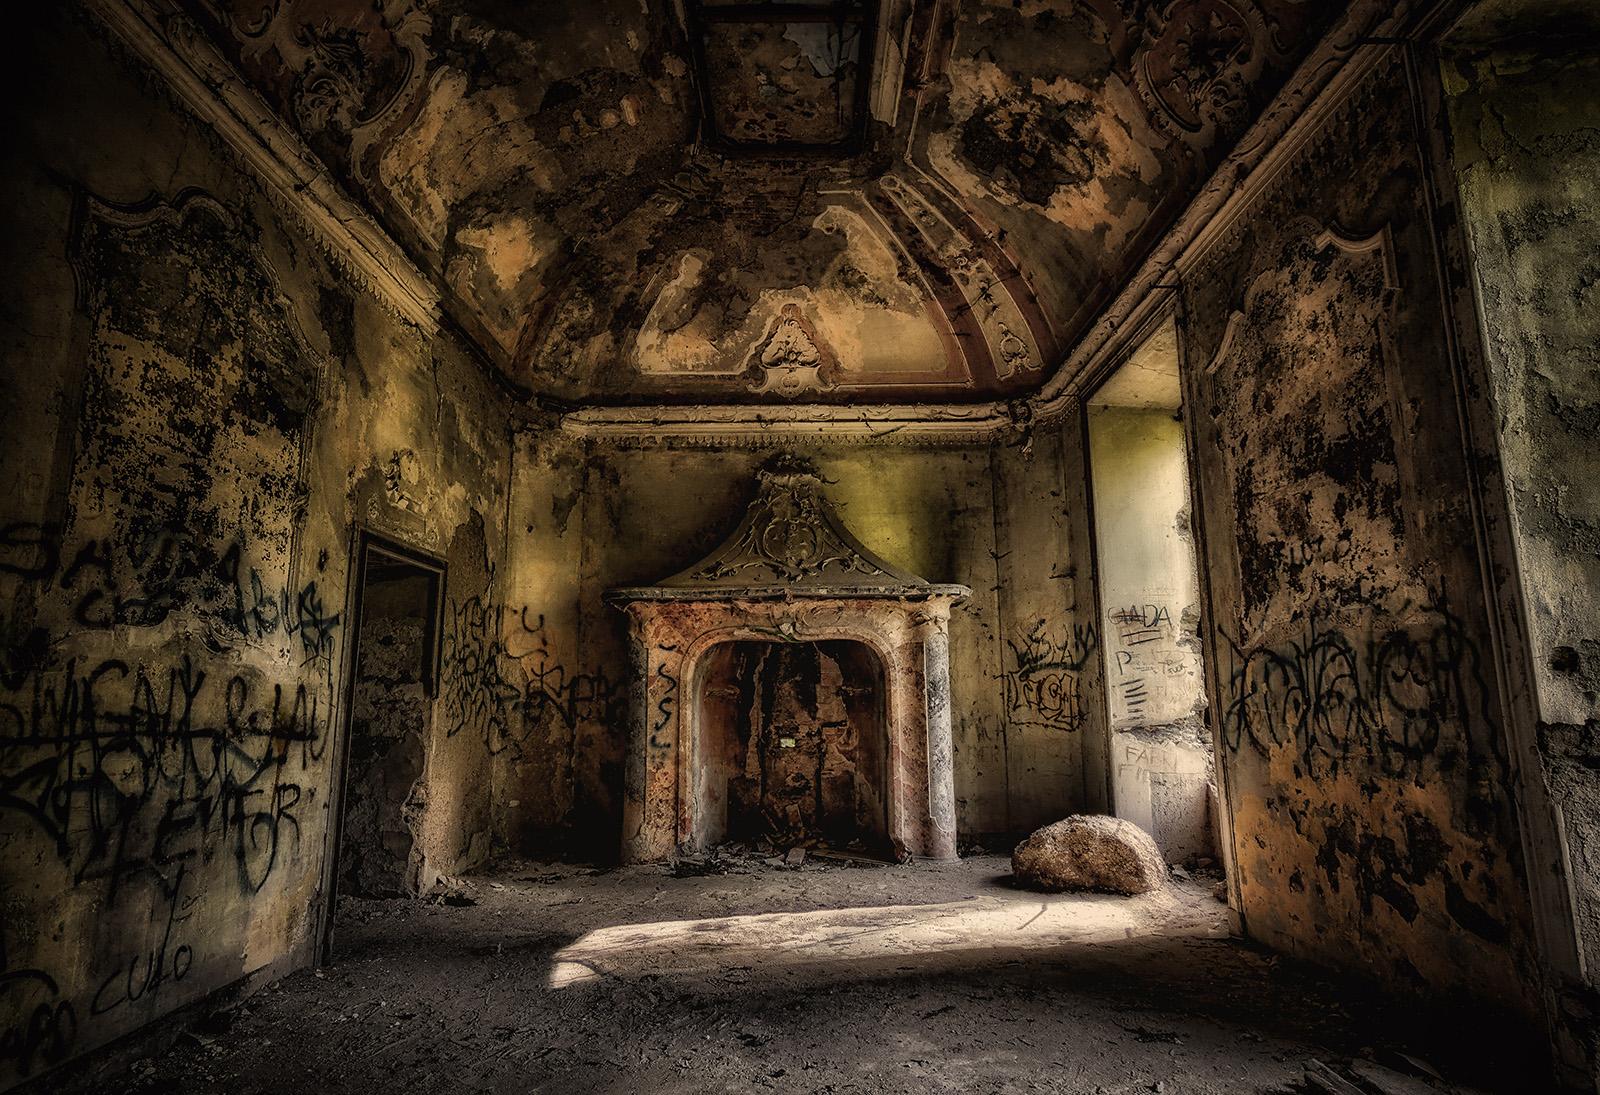 Villa de vecchi la casa dei fantasmi a cortenova for Costo per costruire una casa di 576 piedi quadrati